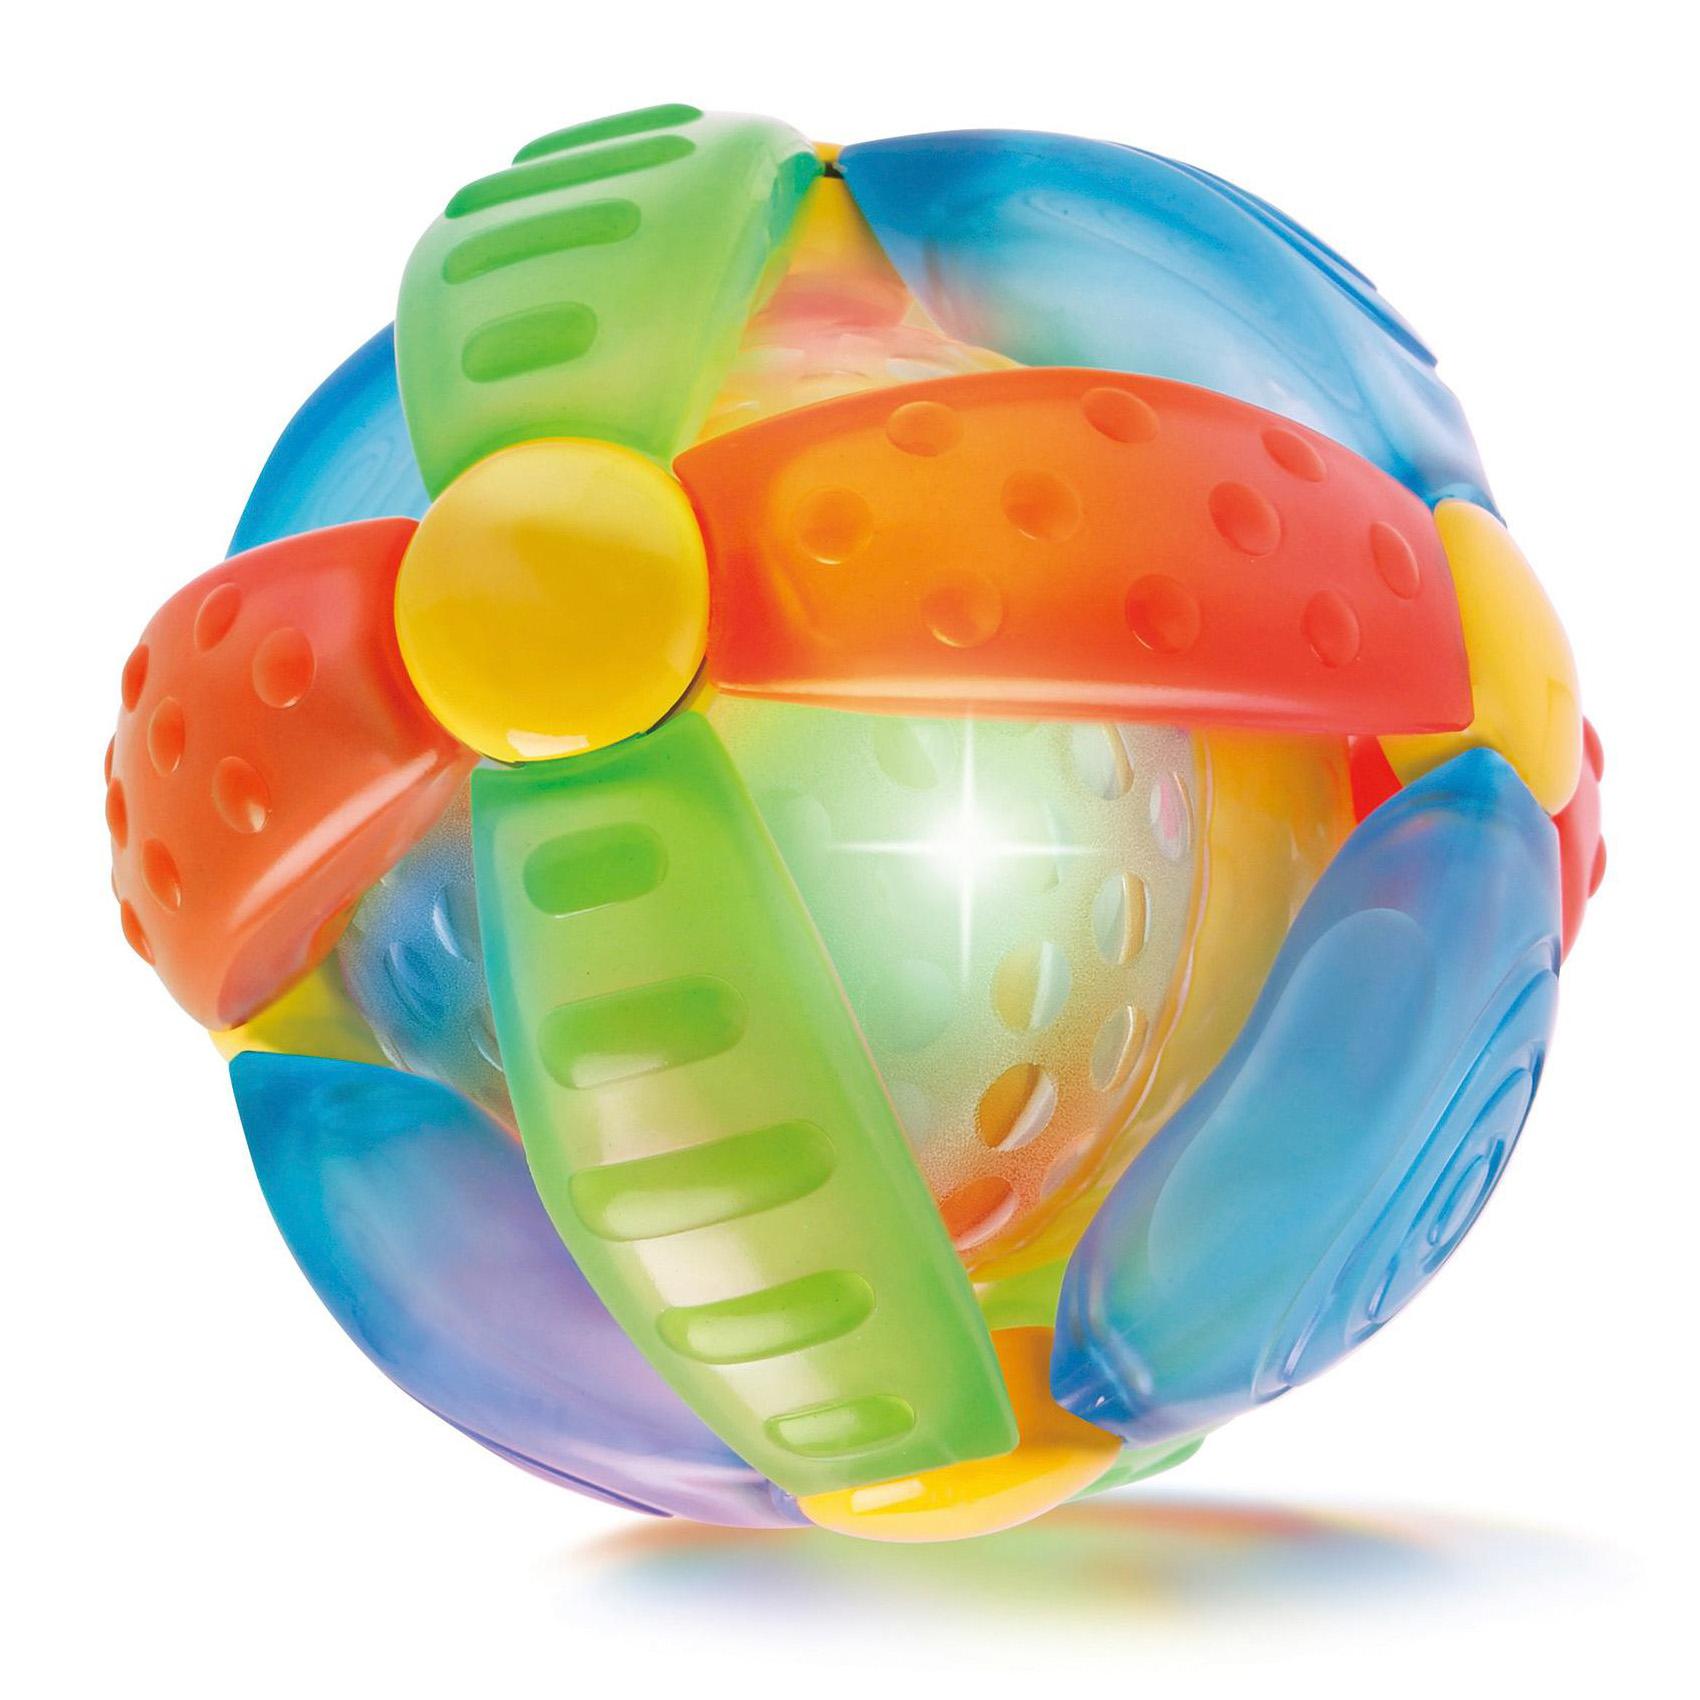 Купить Игрушка Bkids шар-цветок, Китай, пластик, Настольные игры